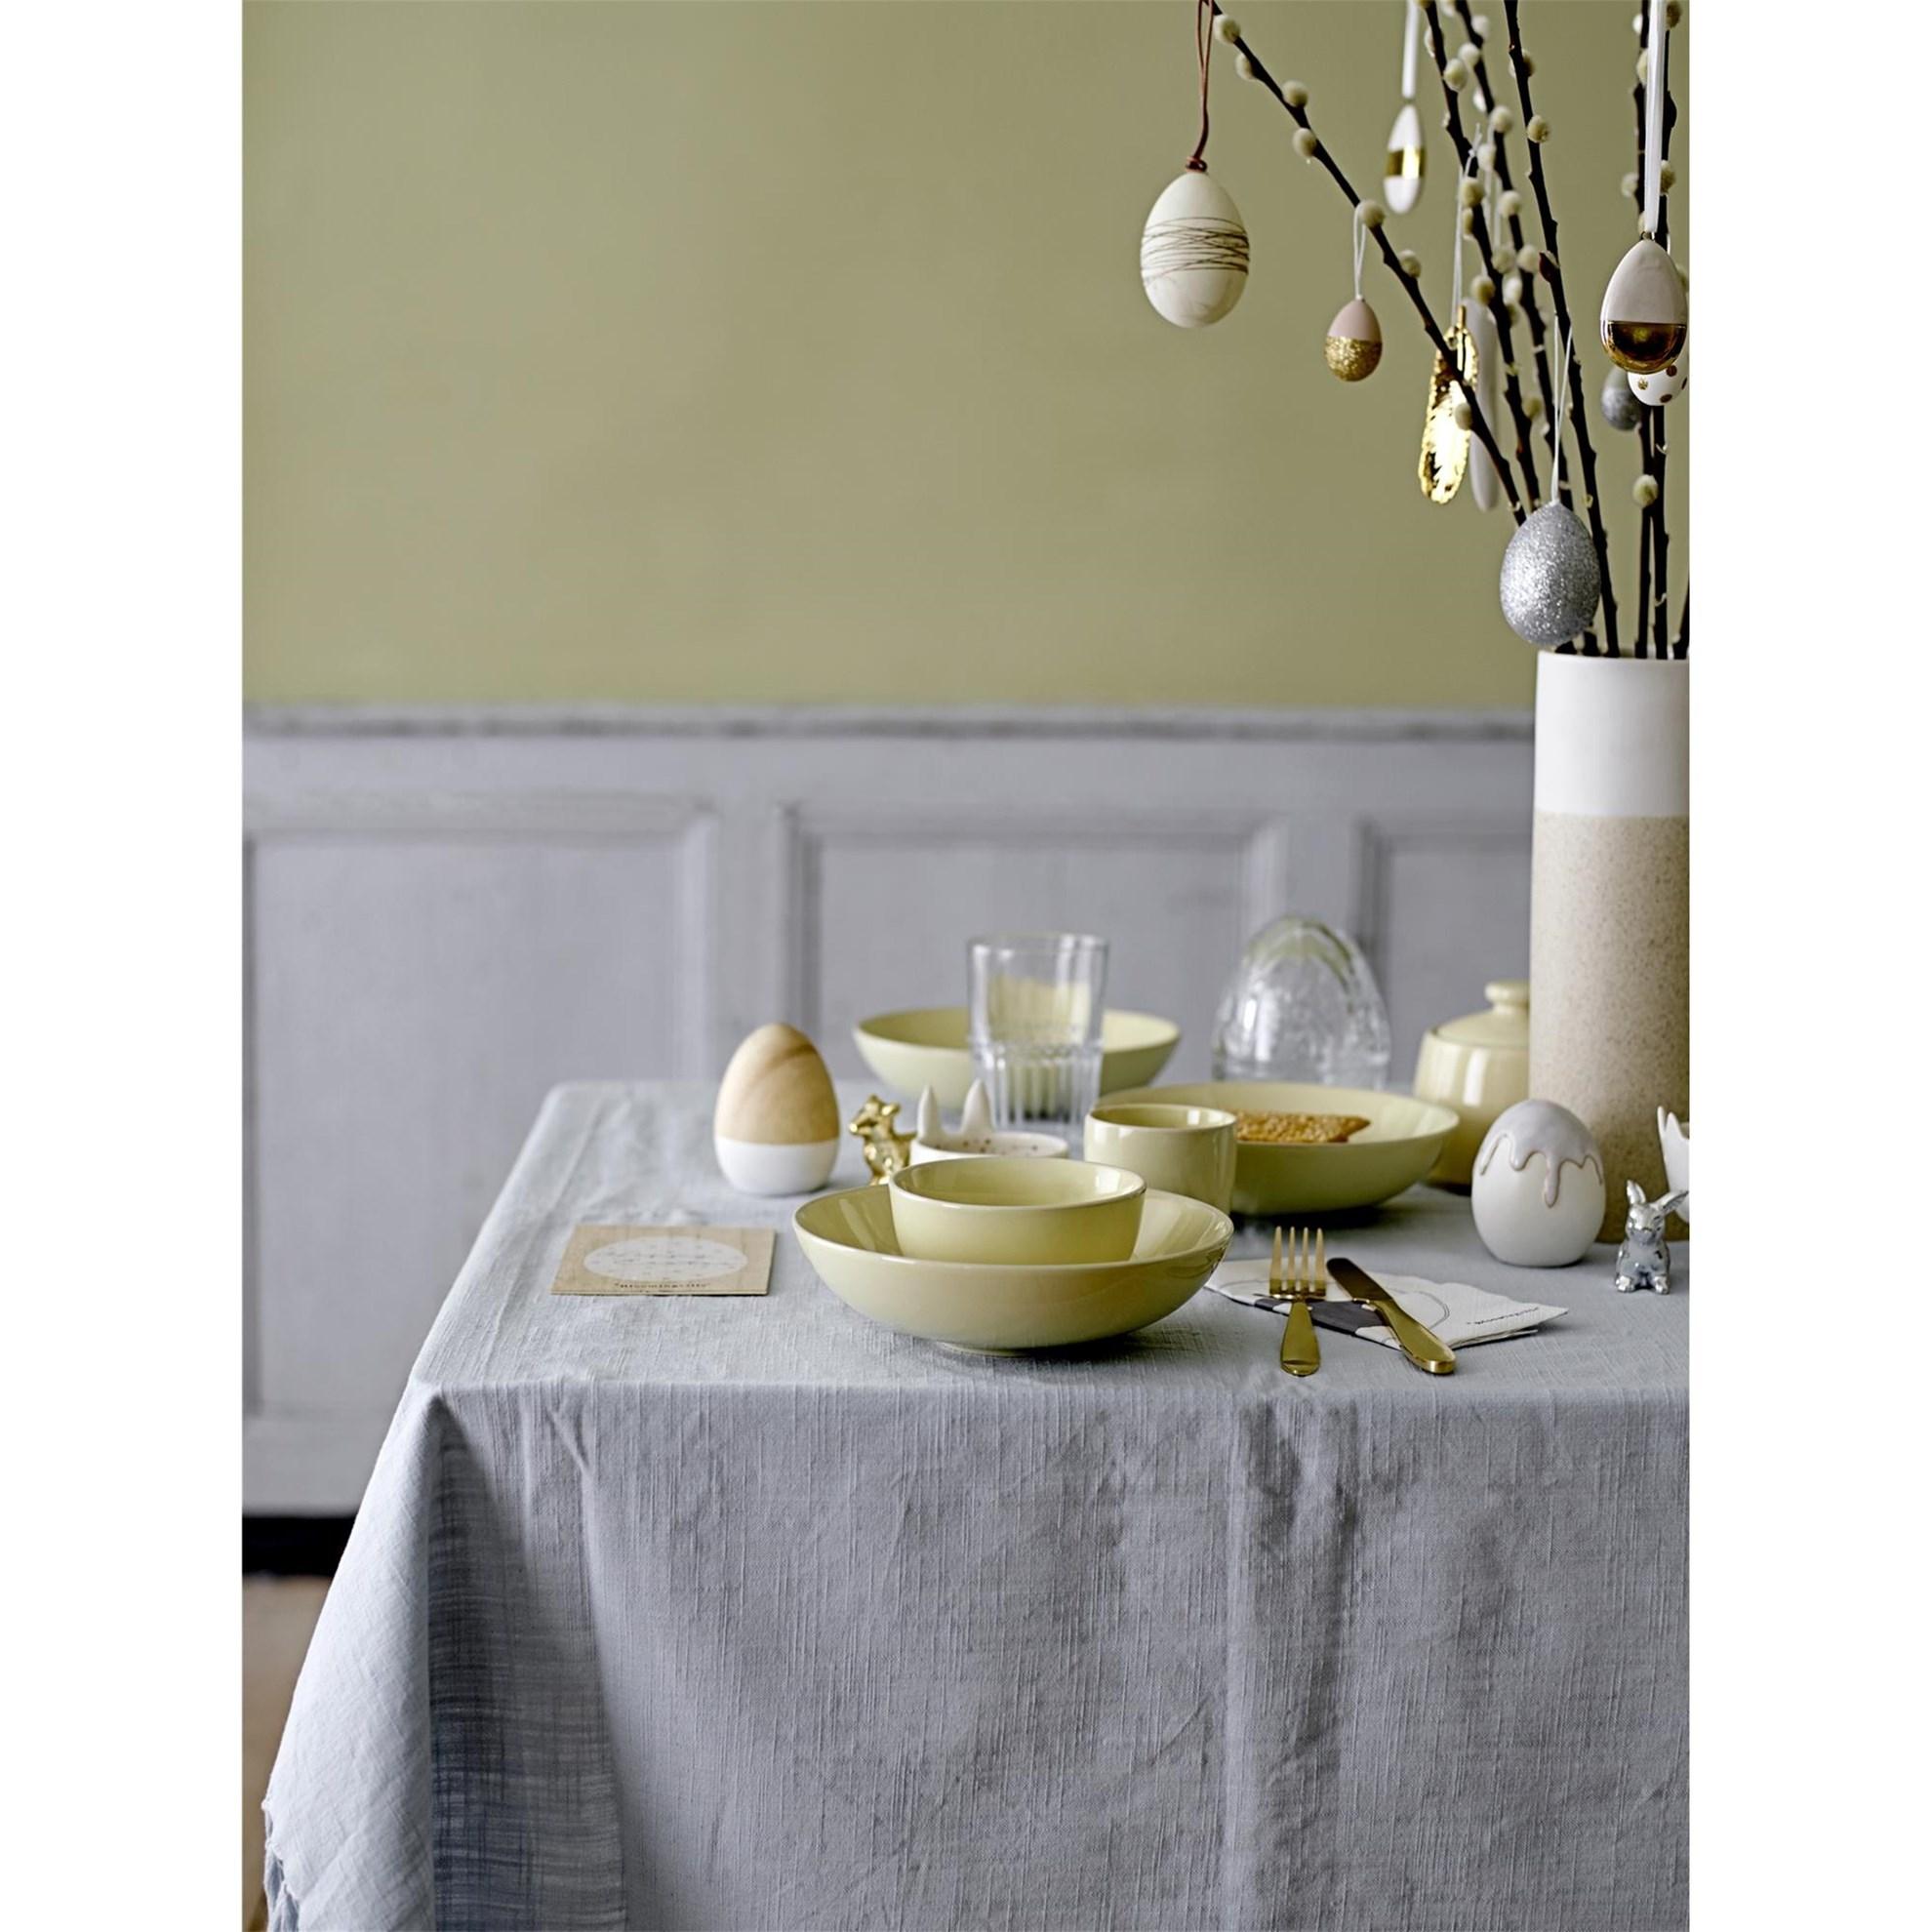 Závěsná dekorace vejce SET/2ks bílozlaté_1